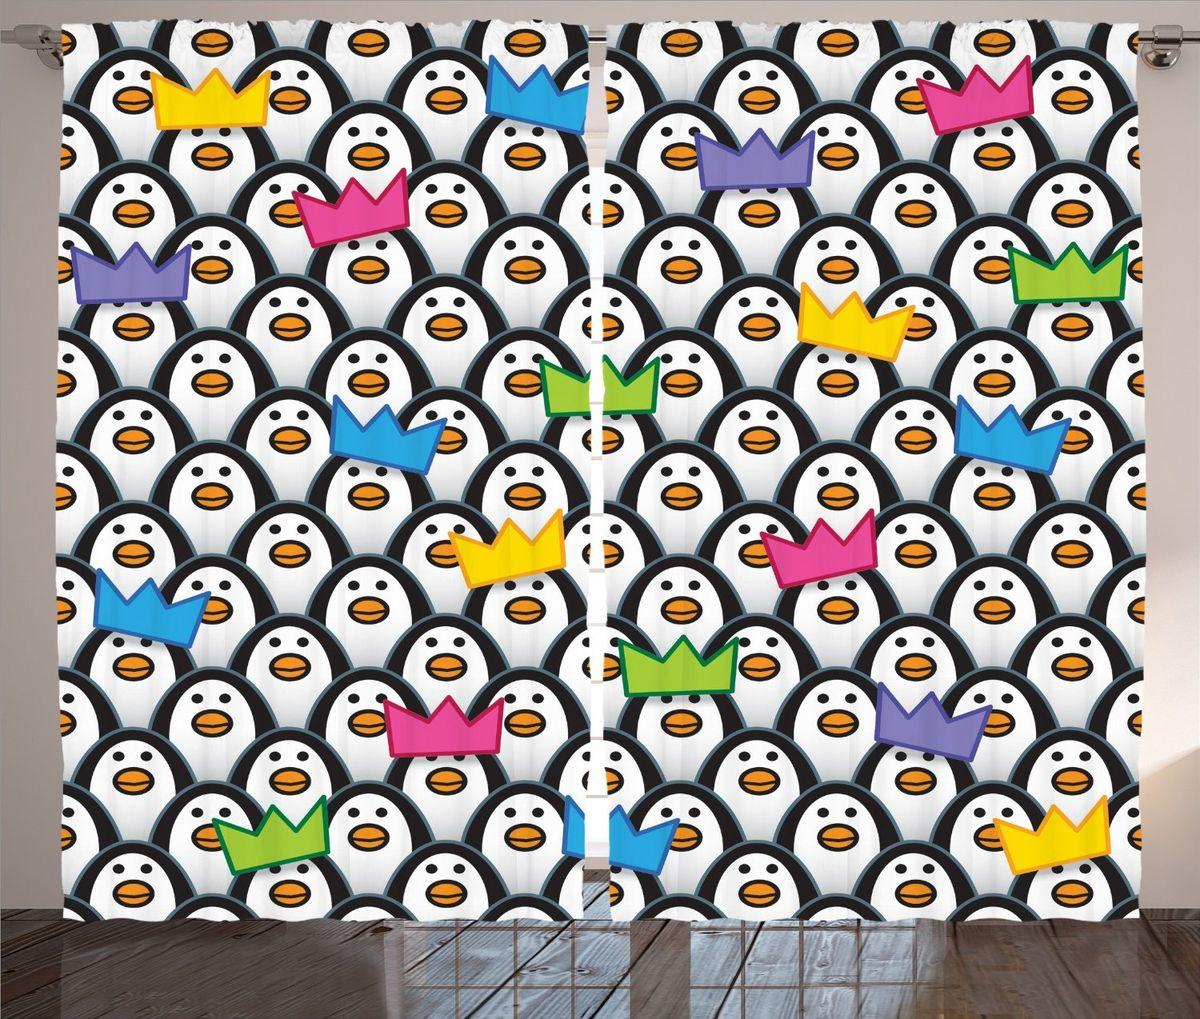 Комплект фотоштор Magic Lady Императорские пингвины, на ленте, высота 265 см03482-ФШ-ГБ-001Фотошторы Magic Lady Императорские пингвины, изготовленные из высококачественного сатена (полиэстер 100%), отлично дополнят любой интерьер. При изготовлении используются специальные гипоаллергенные чернила для прямой печати по ткани, безопасные для человека и животных. Крепление на карниз при помощи шторной ленты на крючки.В комплекте 2 шторы, 50 крючков. Ширина одного полотна: 145 см.Высота штор: 265 см.Изображение на мониторе может немного отличаться от реального.